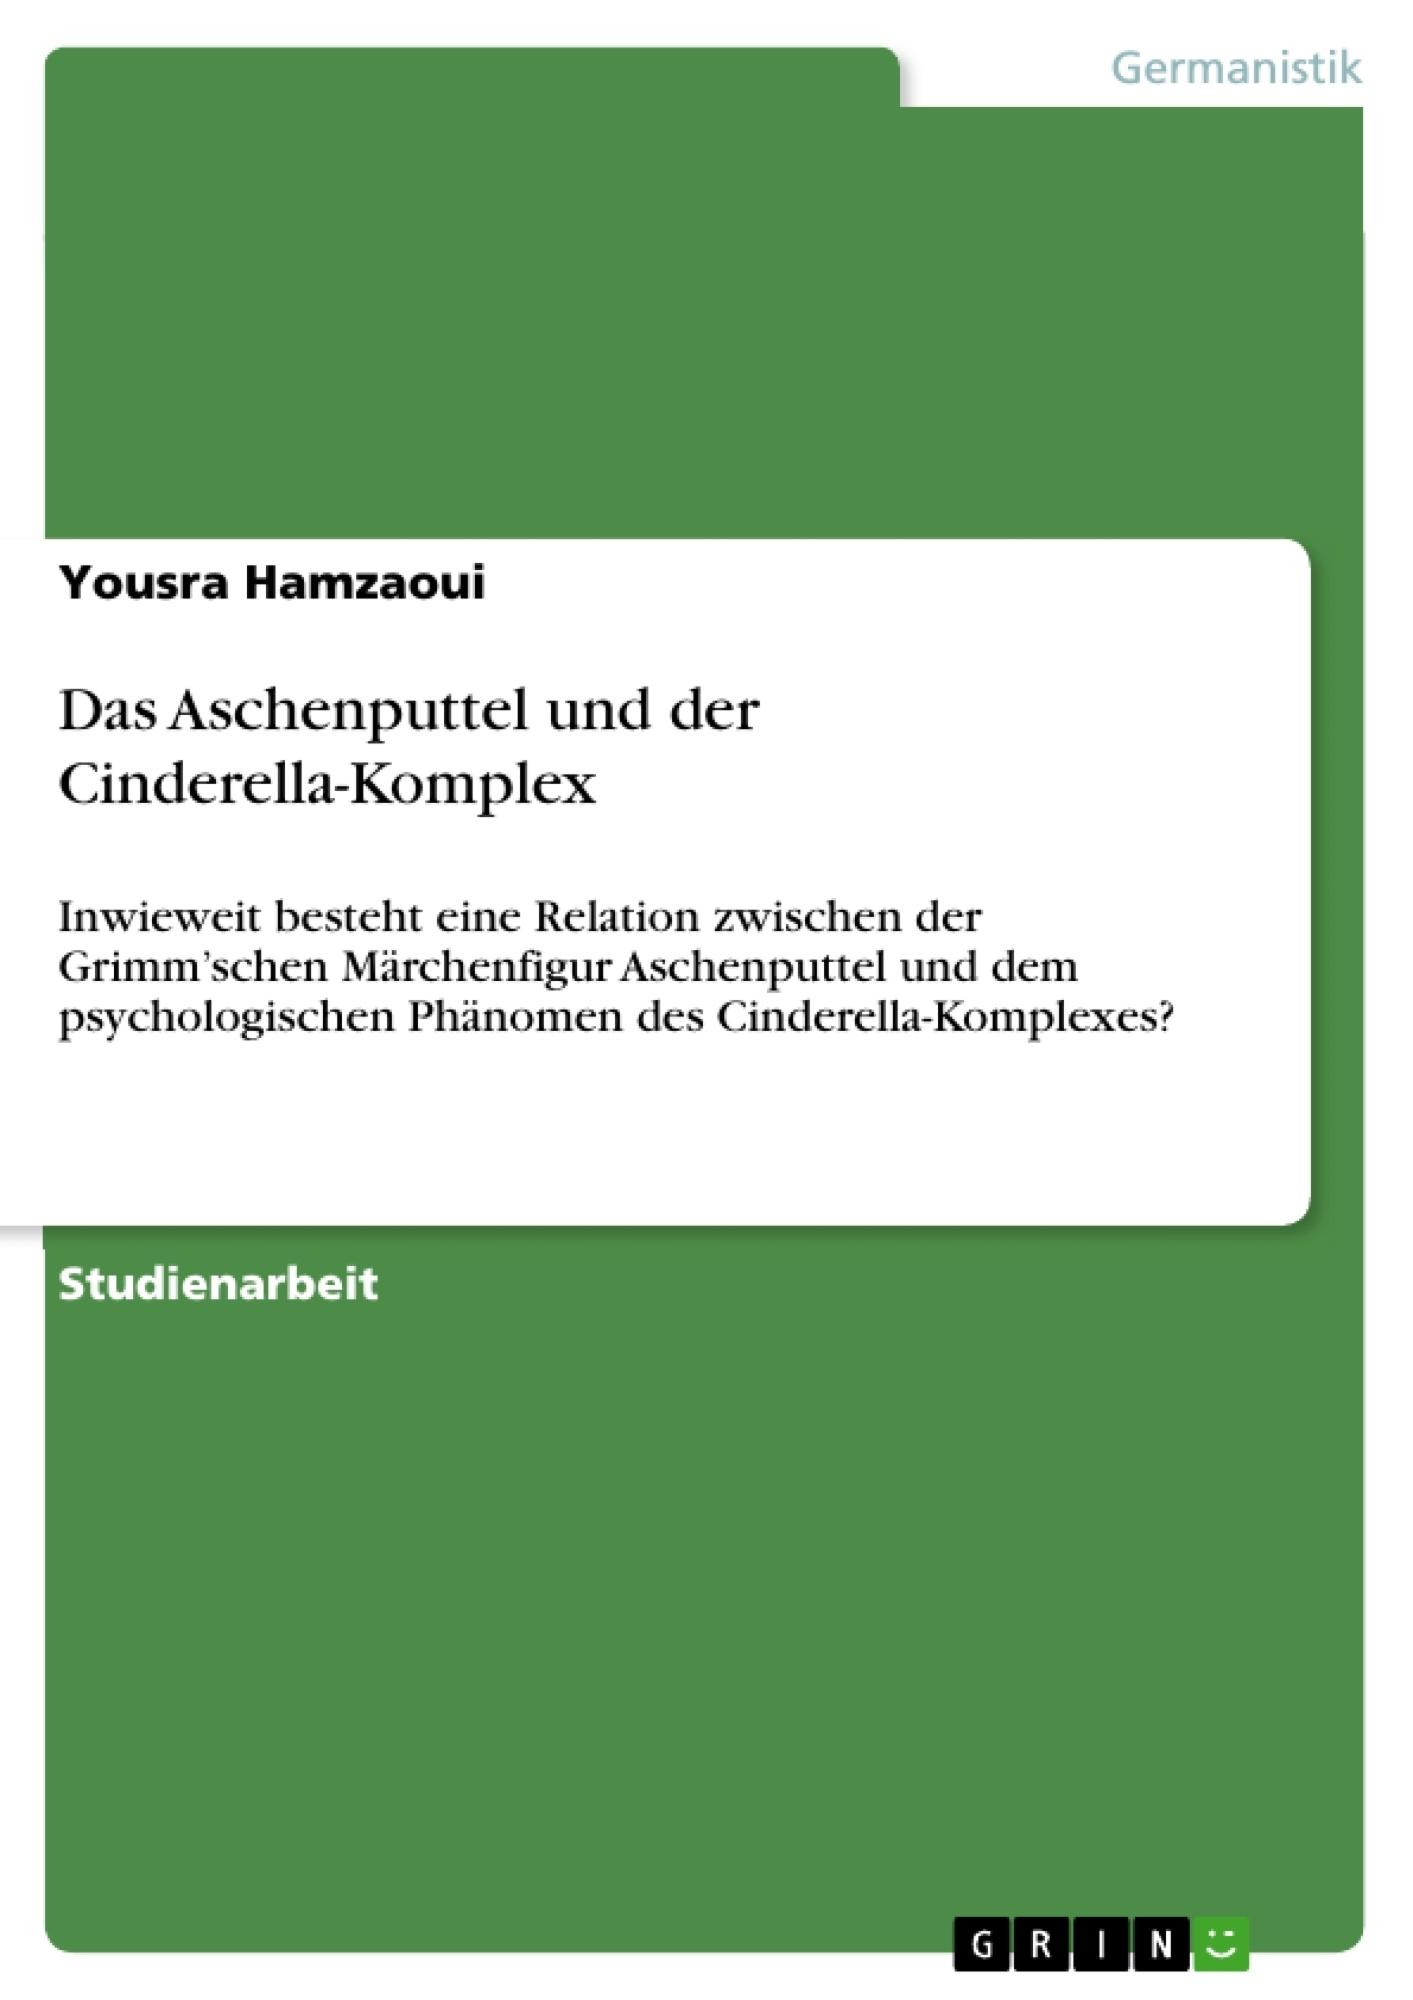 Titel: Das Aschenputtel und der Cinderella-Komplex